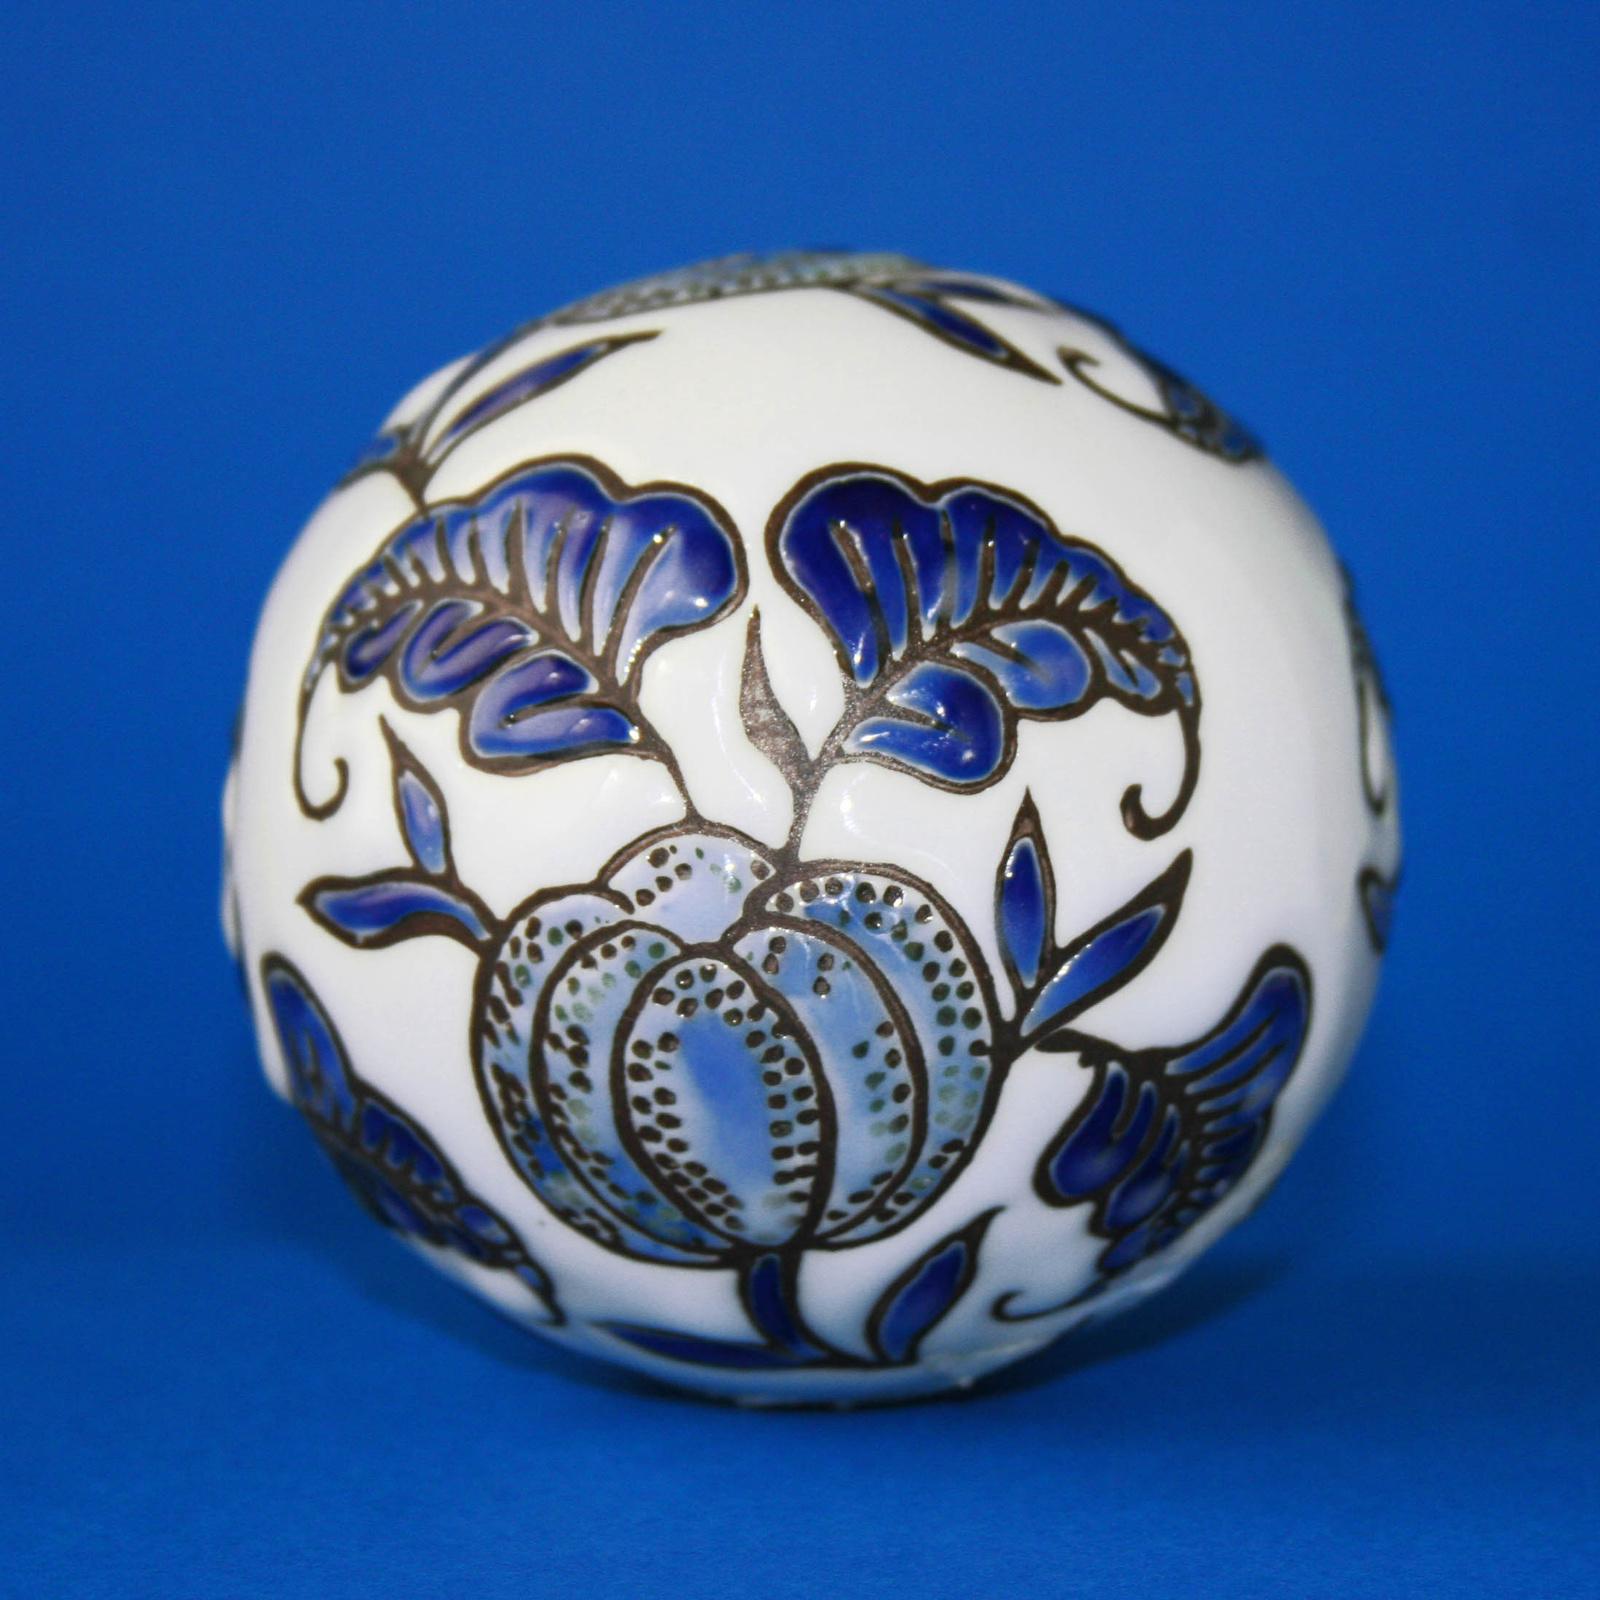 spanish ball